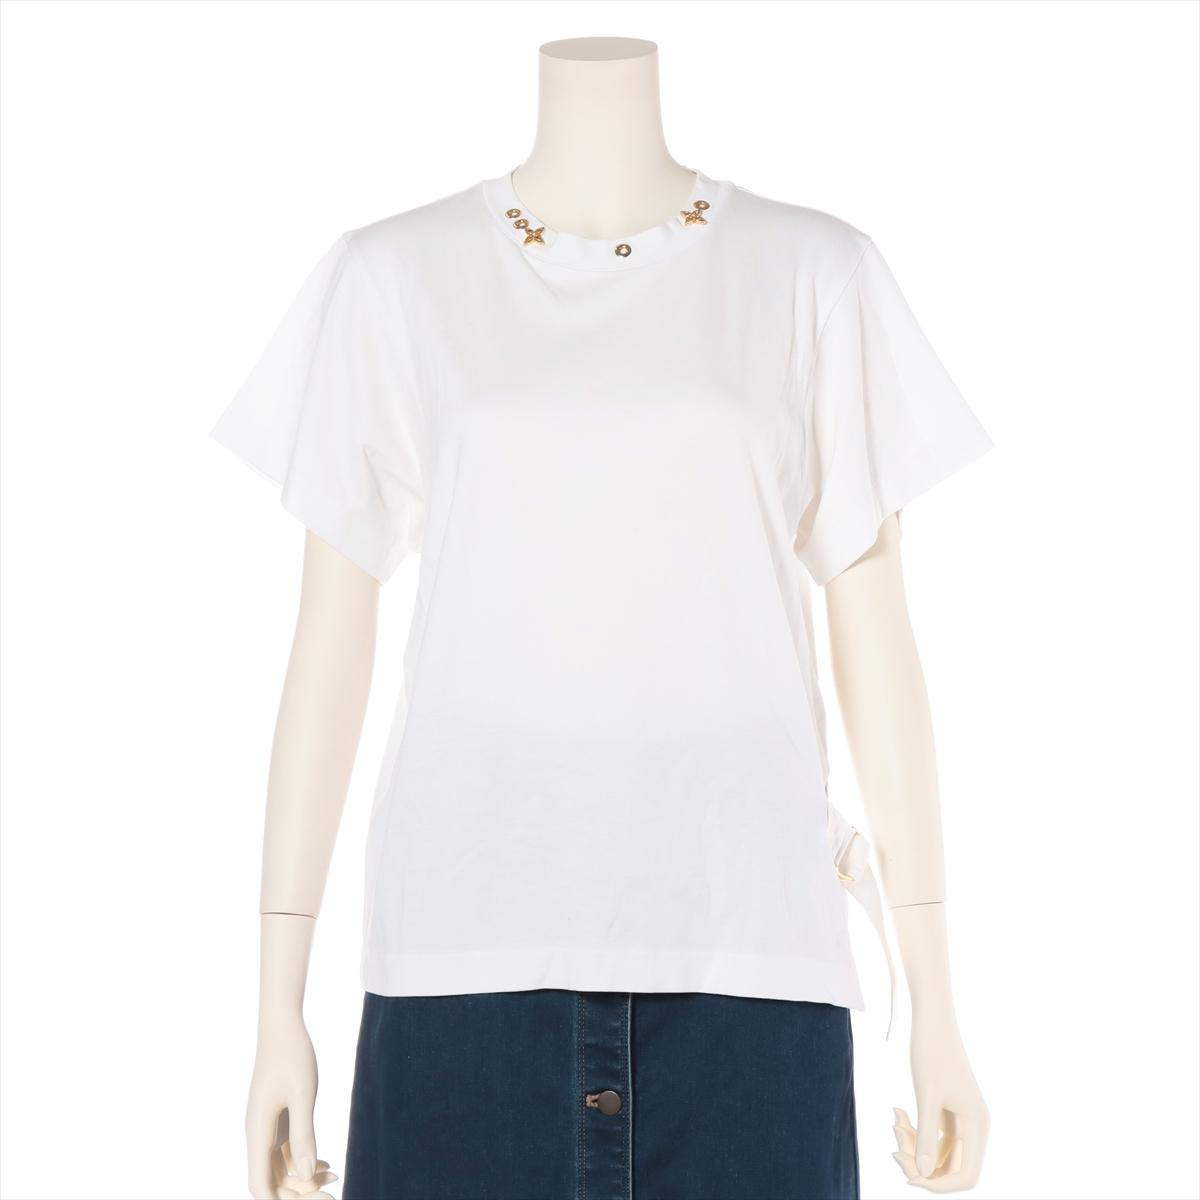 中古 ヴィトン 海外 RW191W コットン ホワイト レディース Tシャツ M 格安 価格でご提供いたします